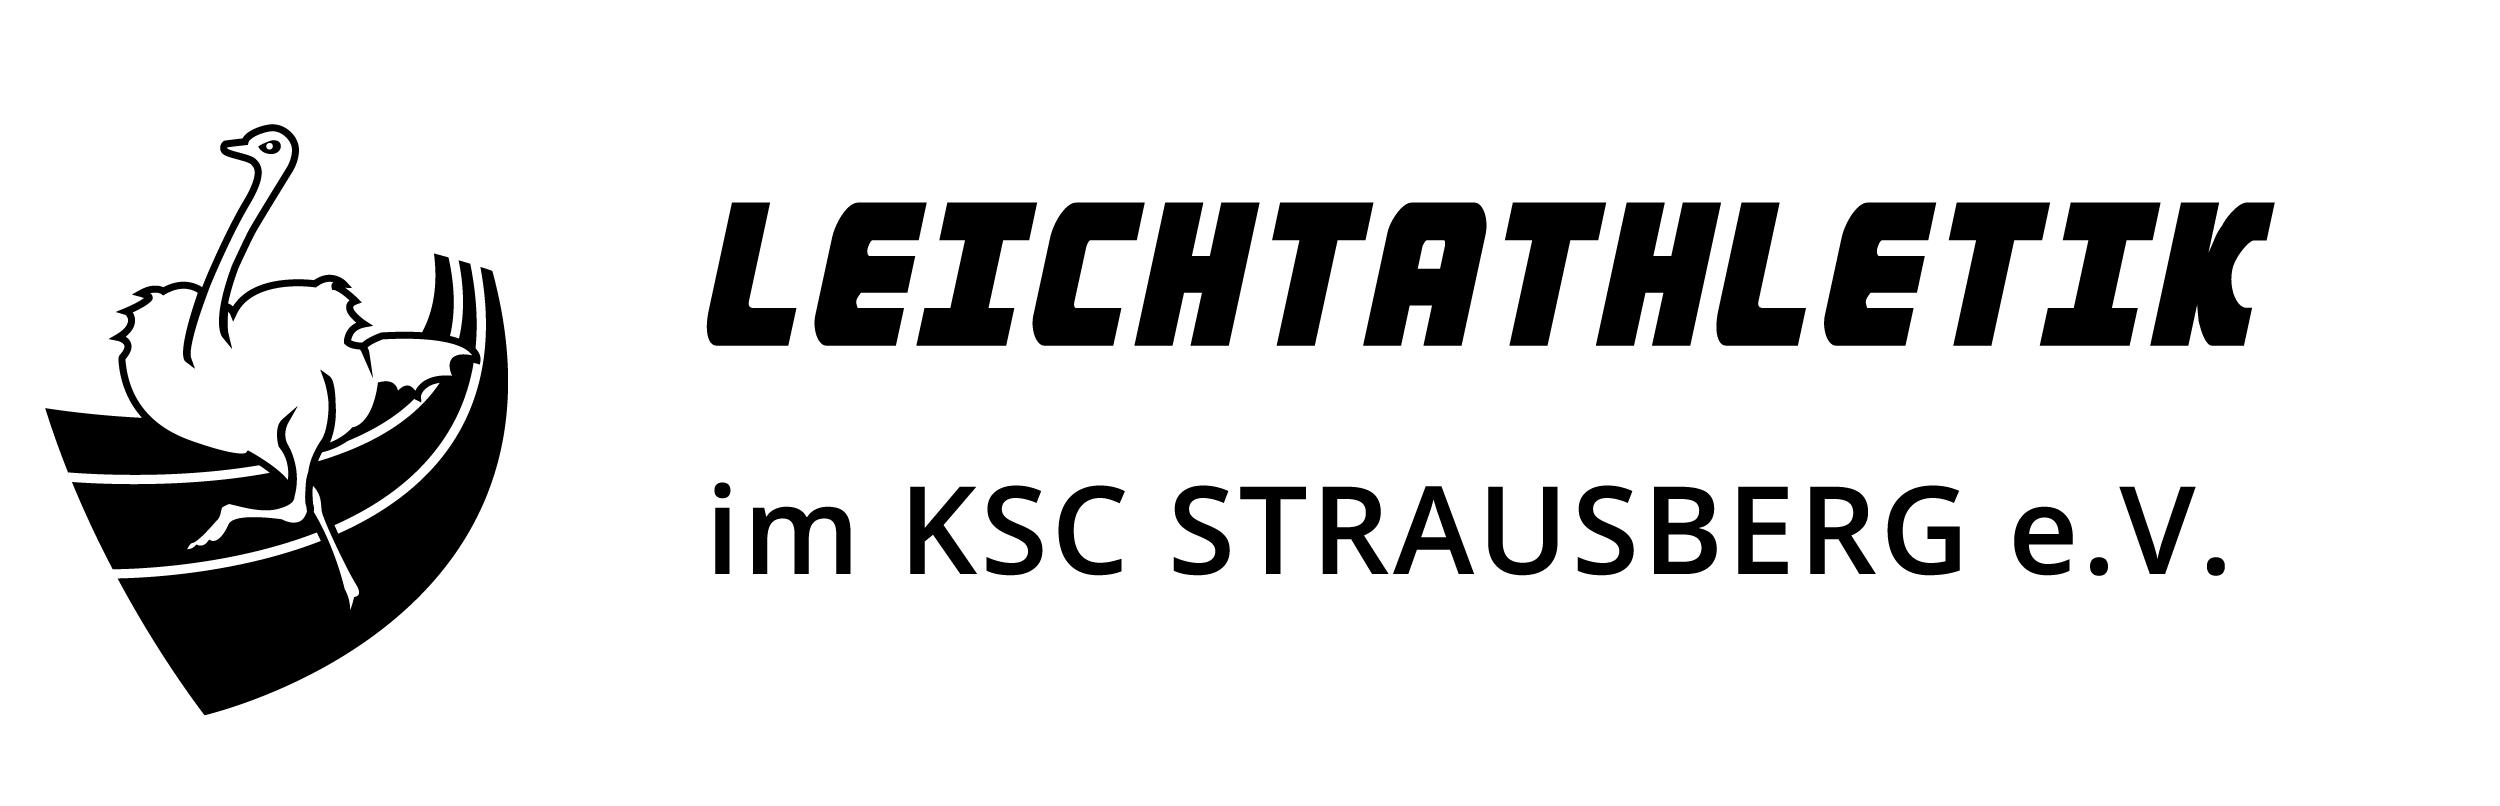 Leichtathletik im KSC Strausberg